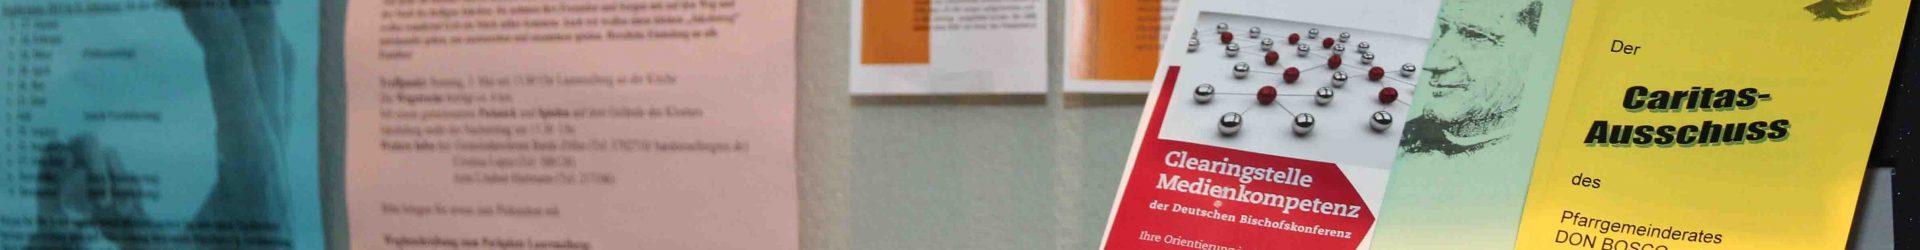 Die Gestaltung von Flyer, Flug- und Faltblatt